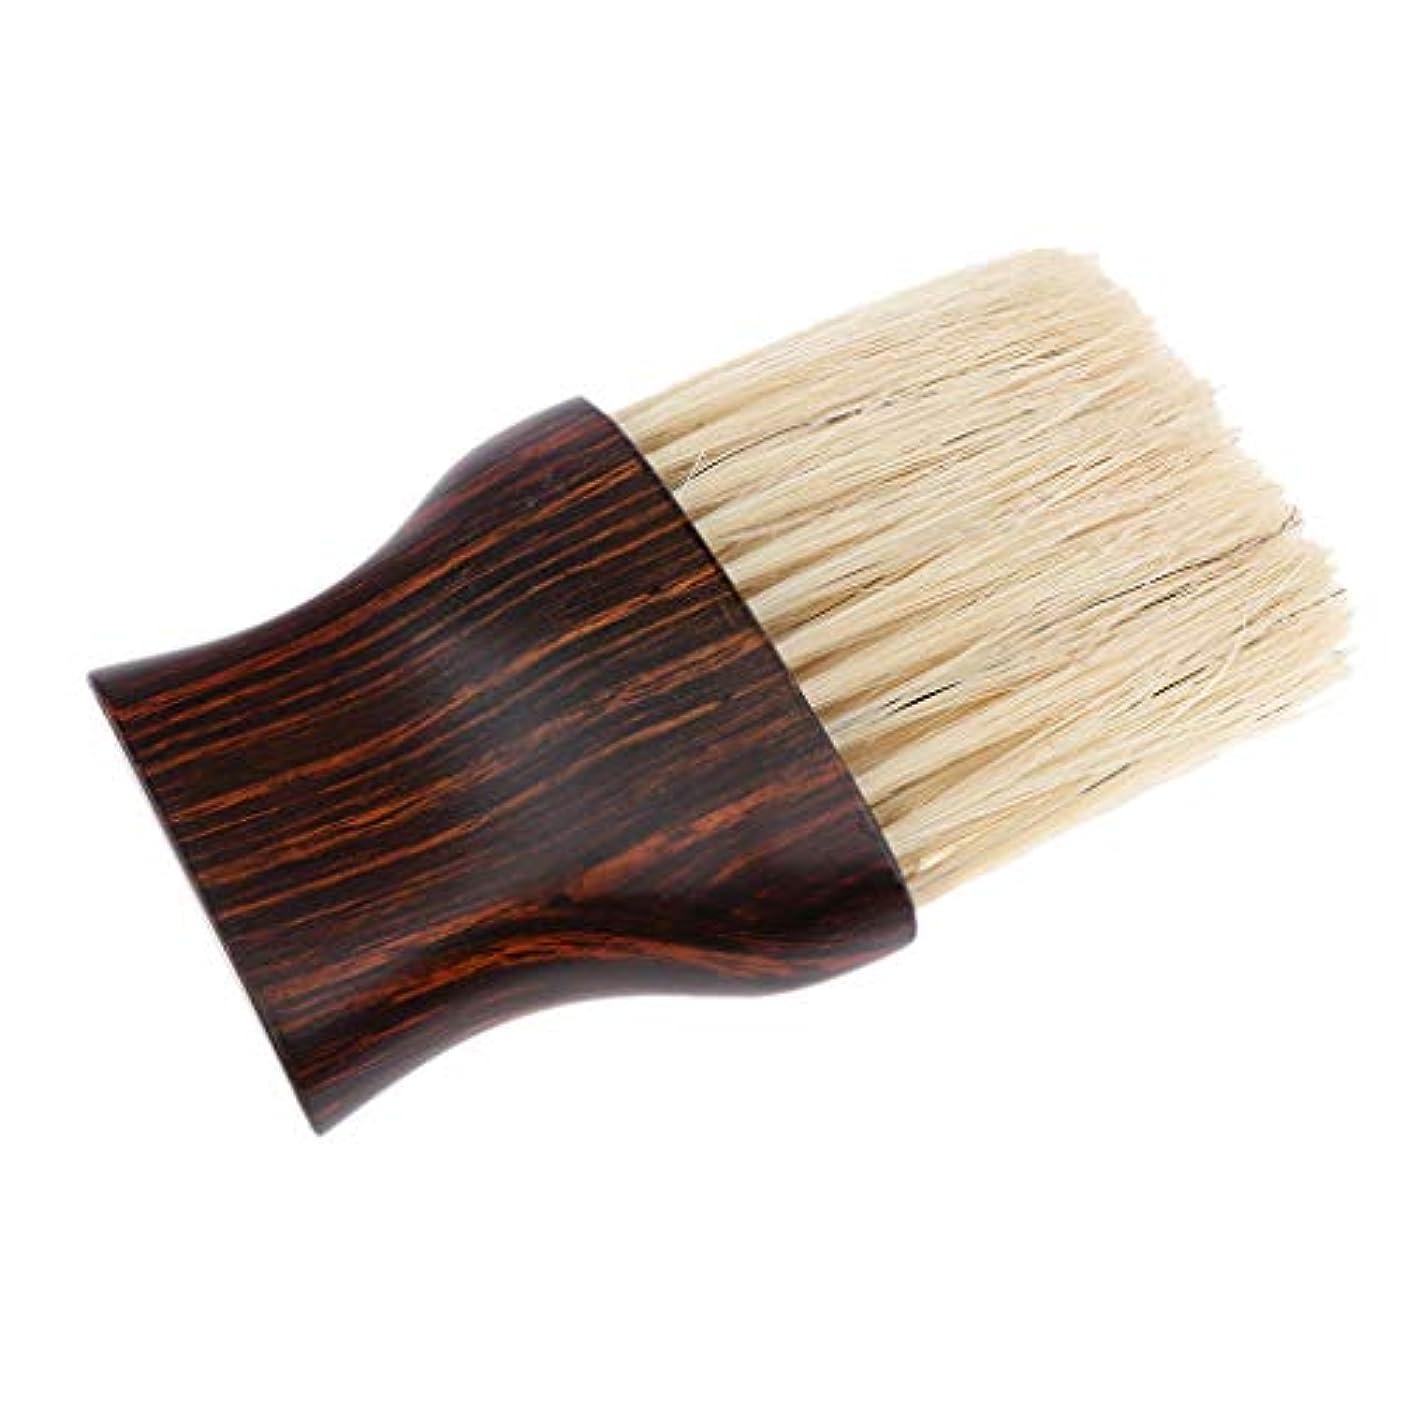 トレード隙間孤独なヘアブラシ 毛払いブラシ 散髪 髪切り 散髪用ツール 床屋 理髪店 美容院 ソフトブラシ